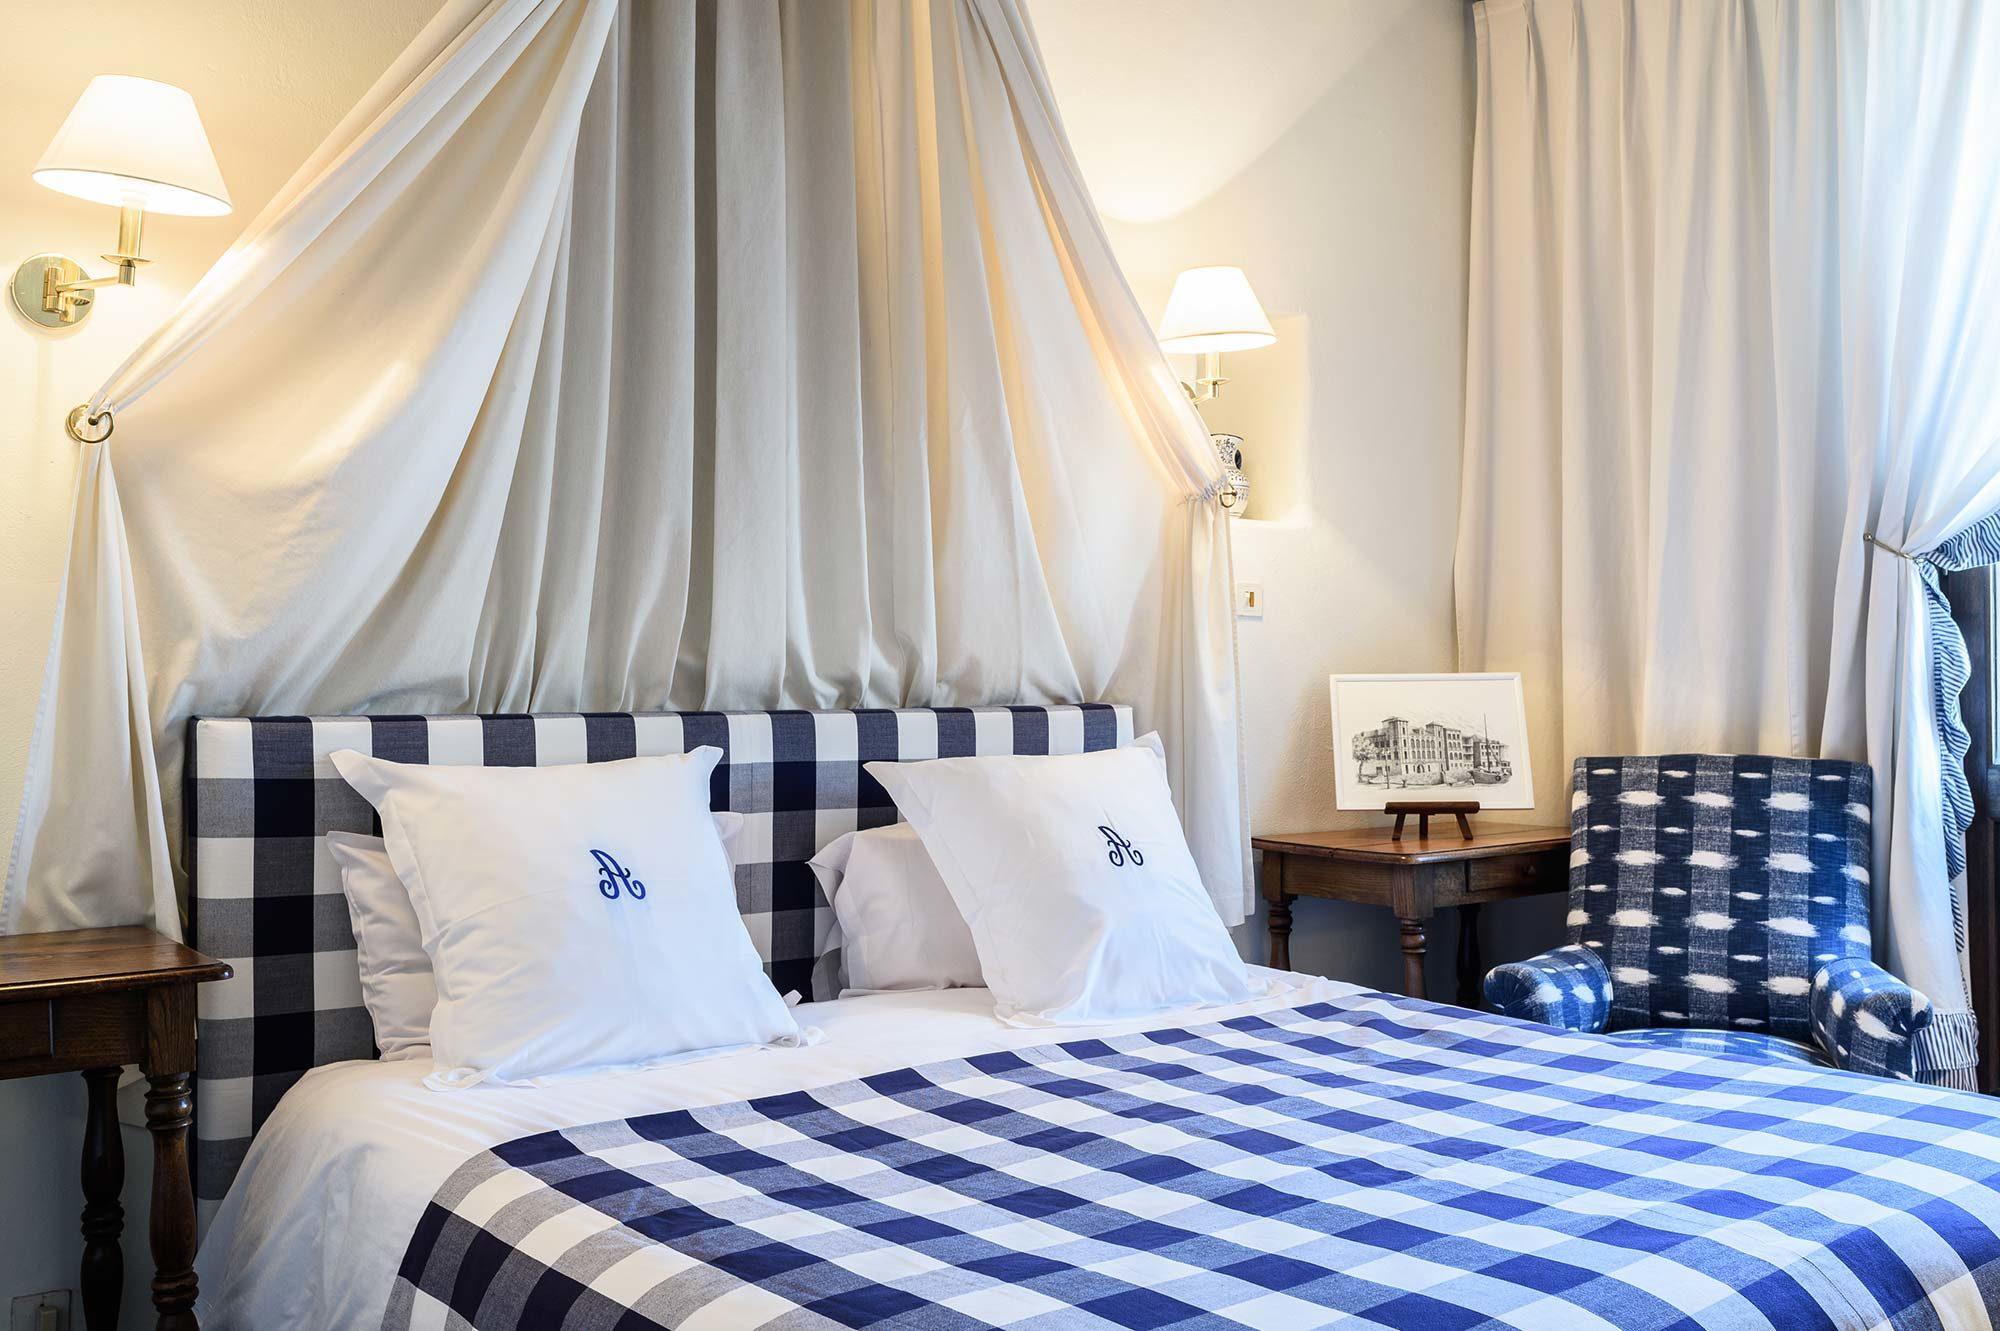 Chambre lit double avec linge à carreaux bleus et blancs